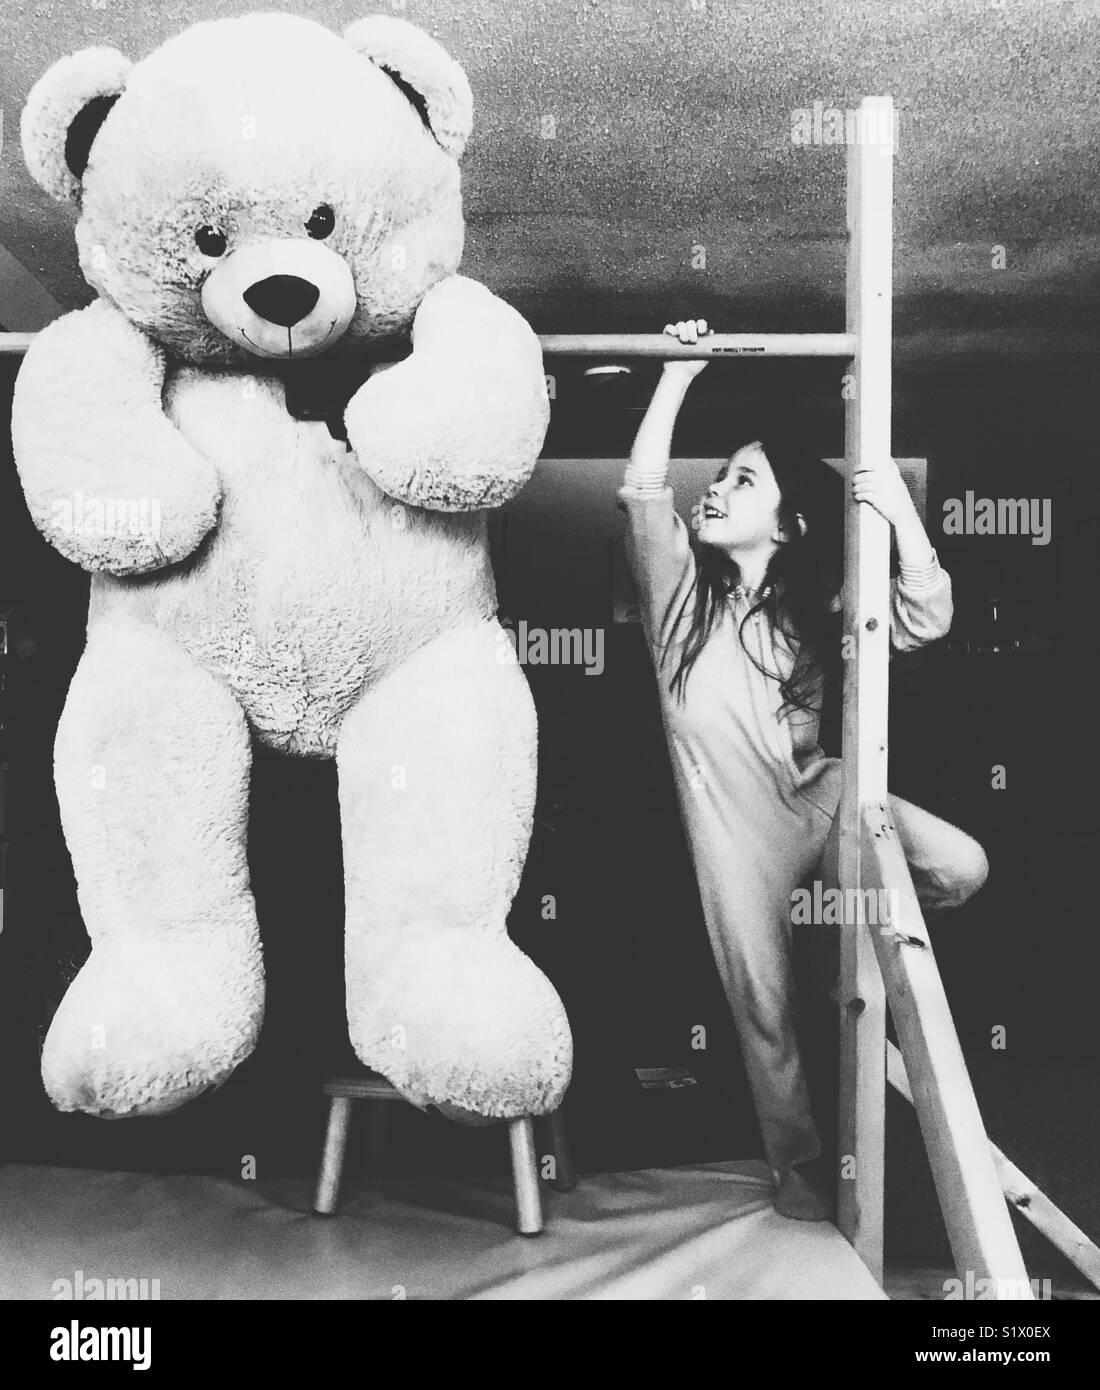 Jeune fille aux cheveux longs en pyjama escalade pour atteindre de grands ours géant accroché sur la barre Photo Stock